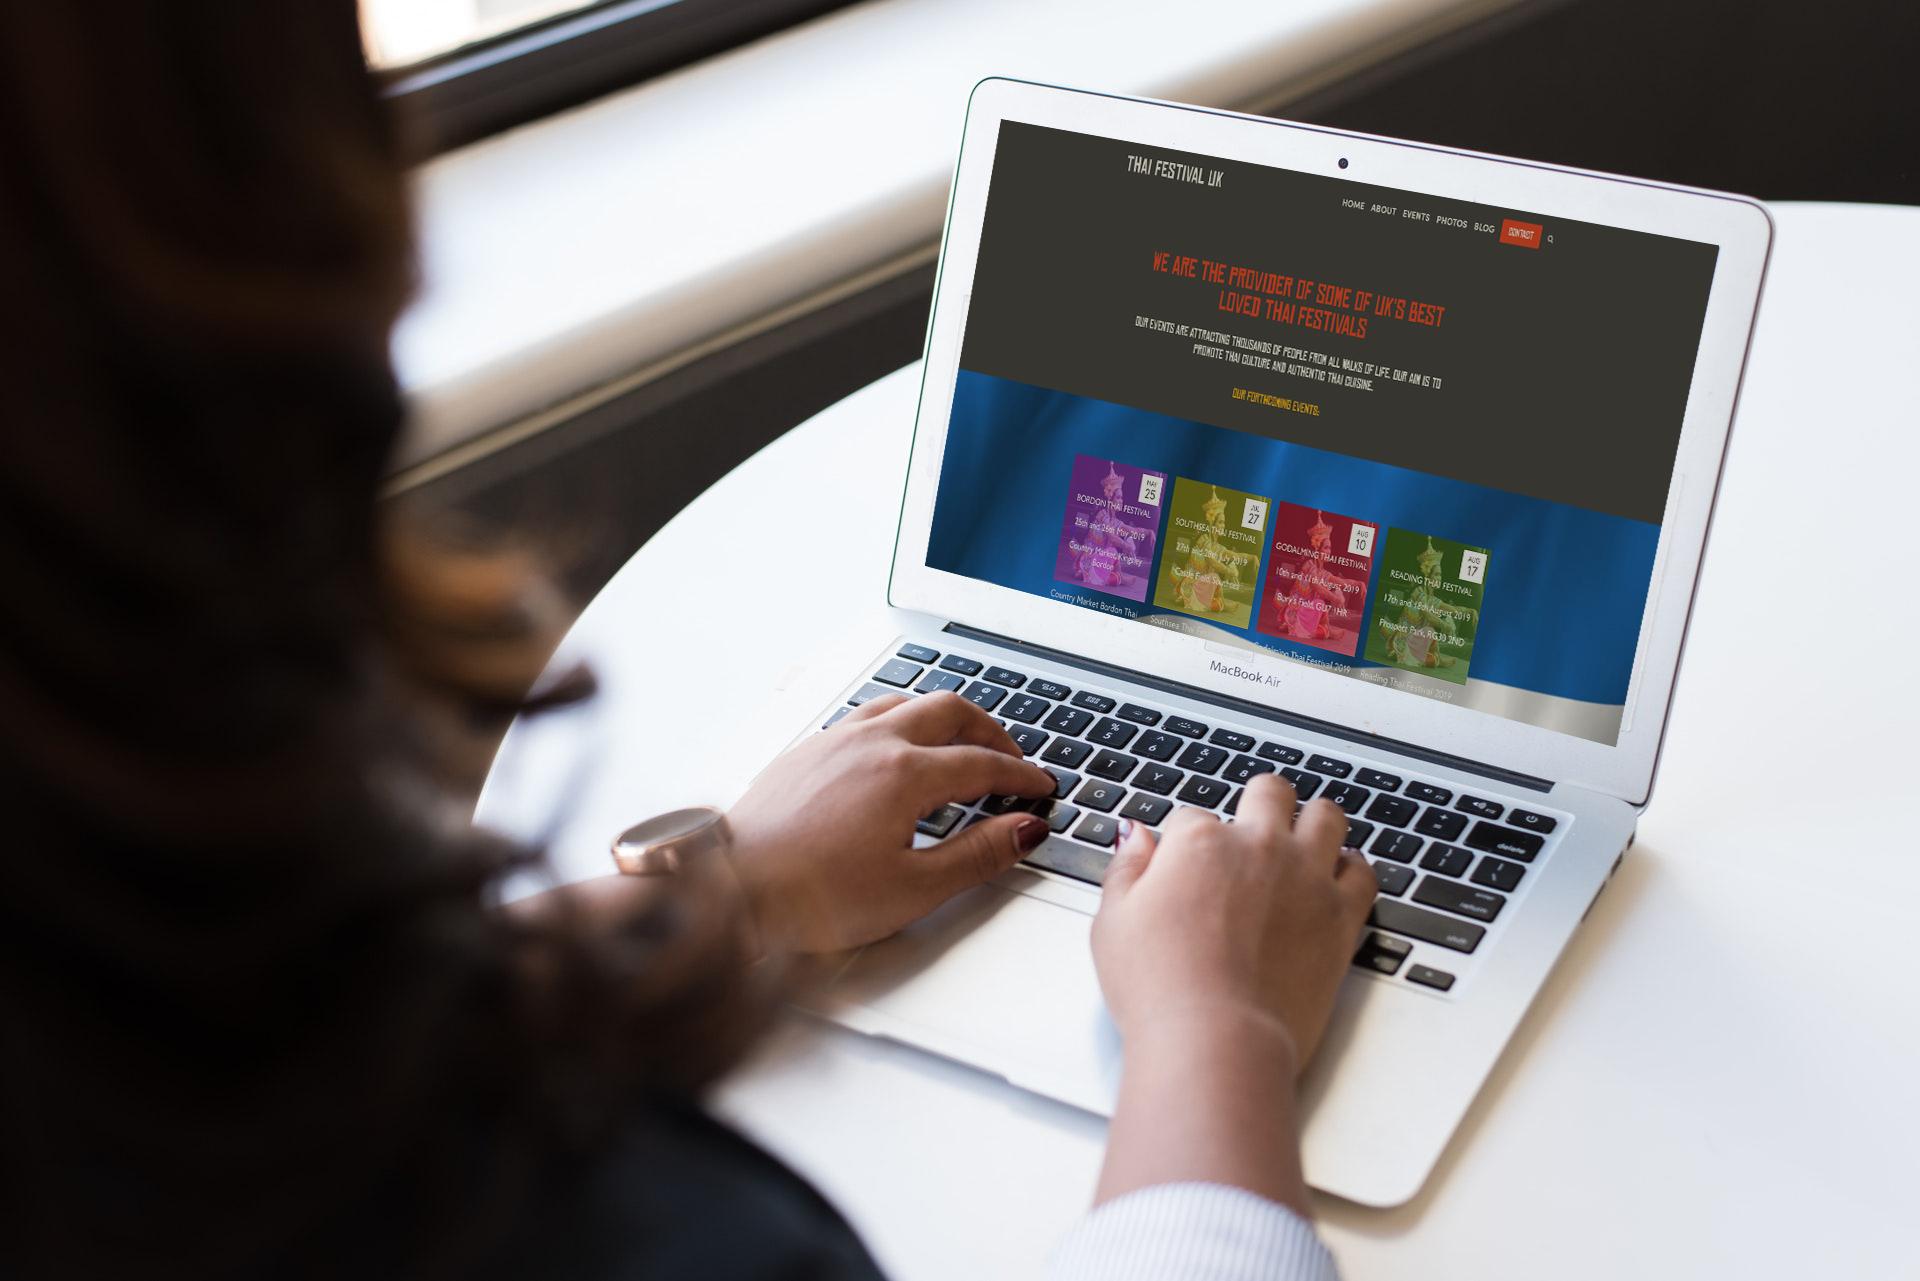 teamlocals-website build and design-d.jpg